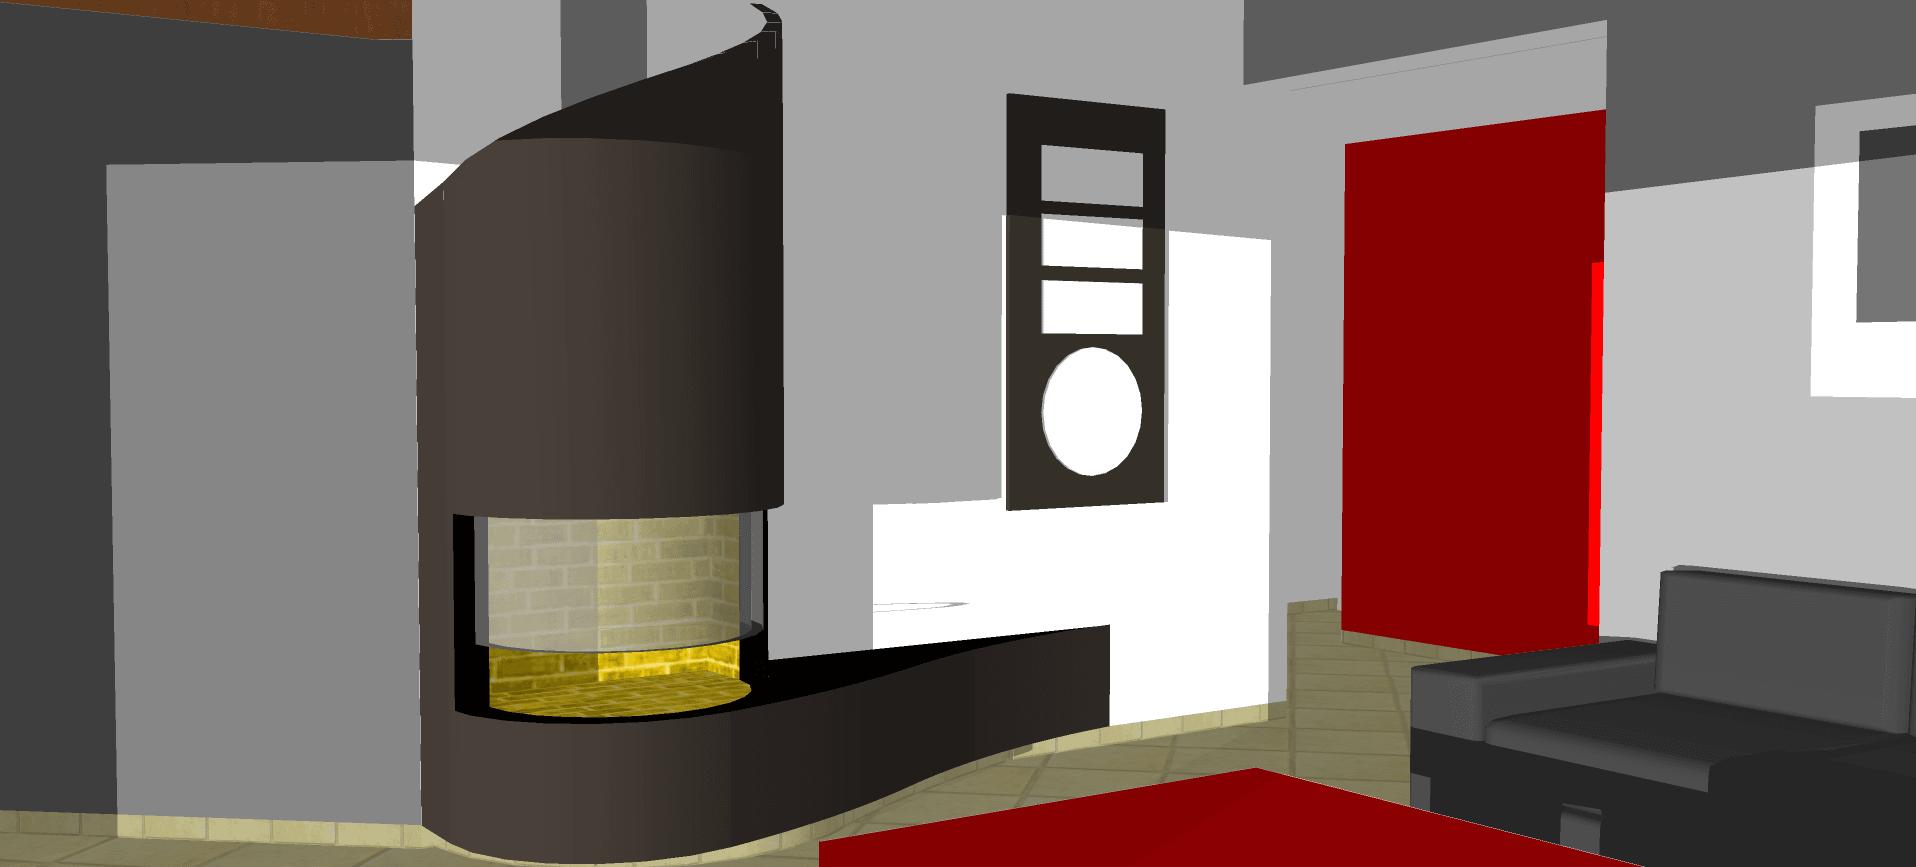 Services Cheminées à Toulouse - Image 3D d'une cheminée. Plan et réalisation.